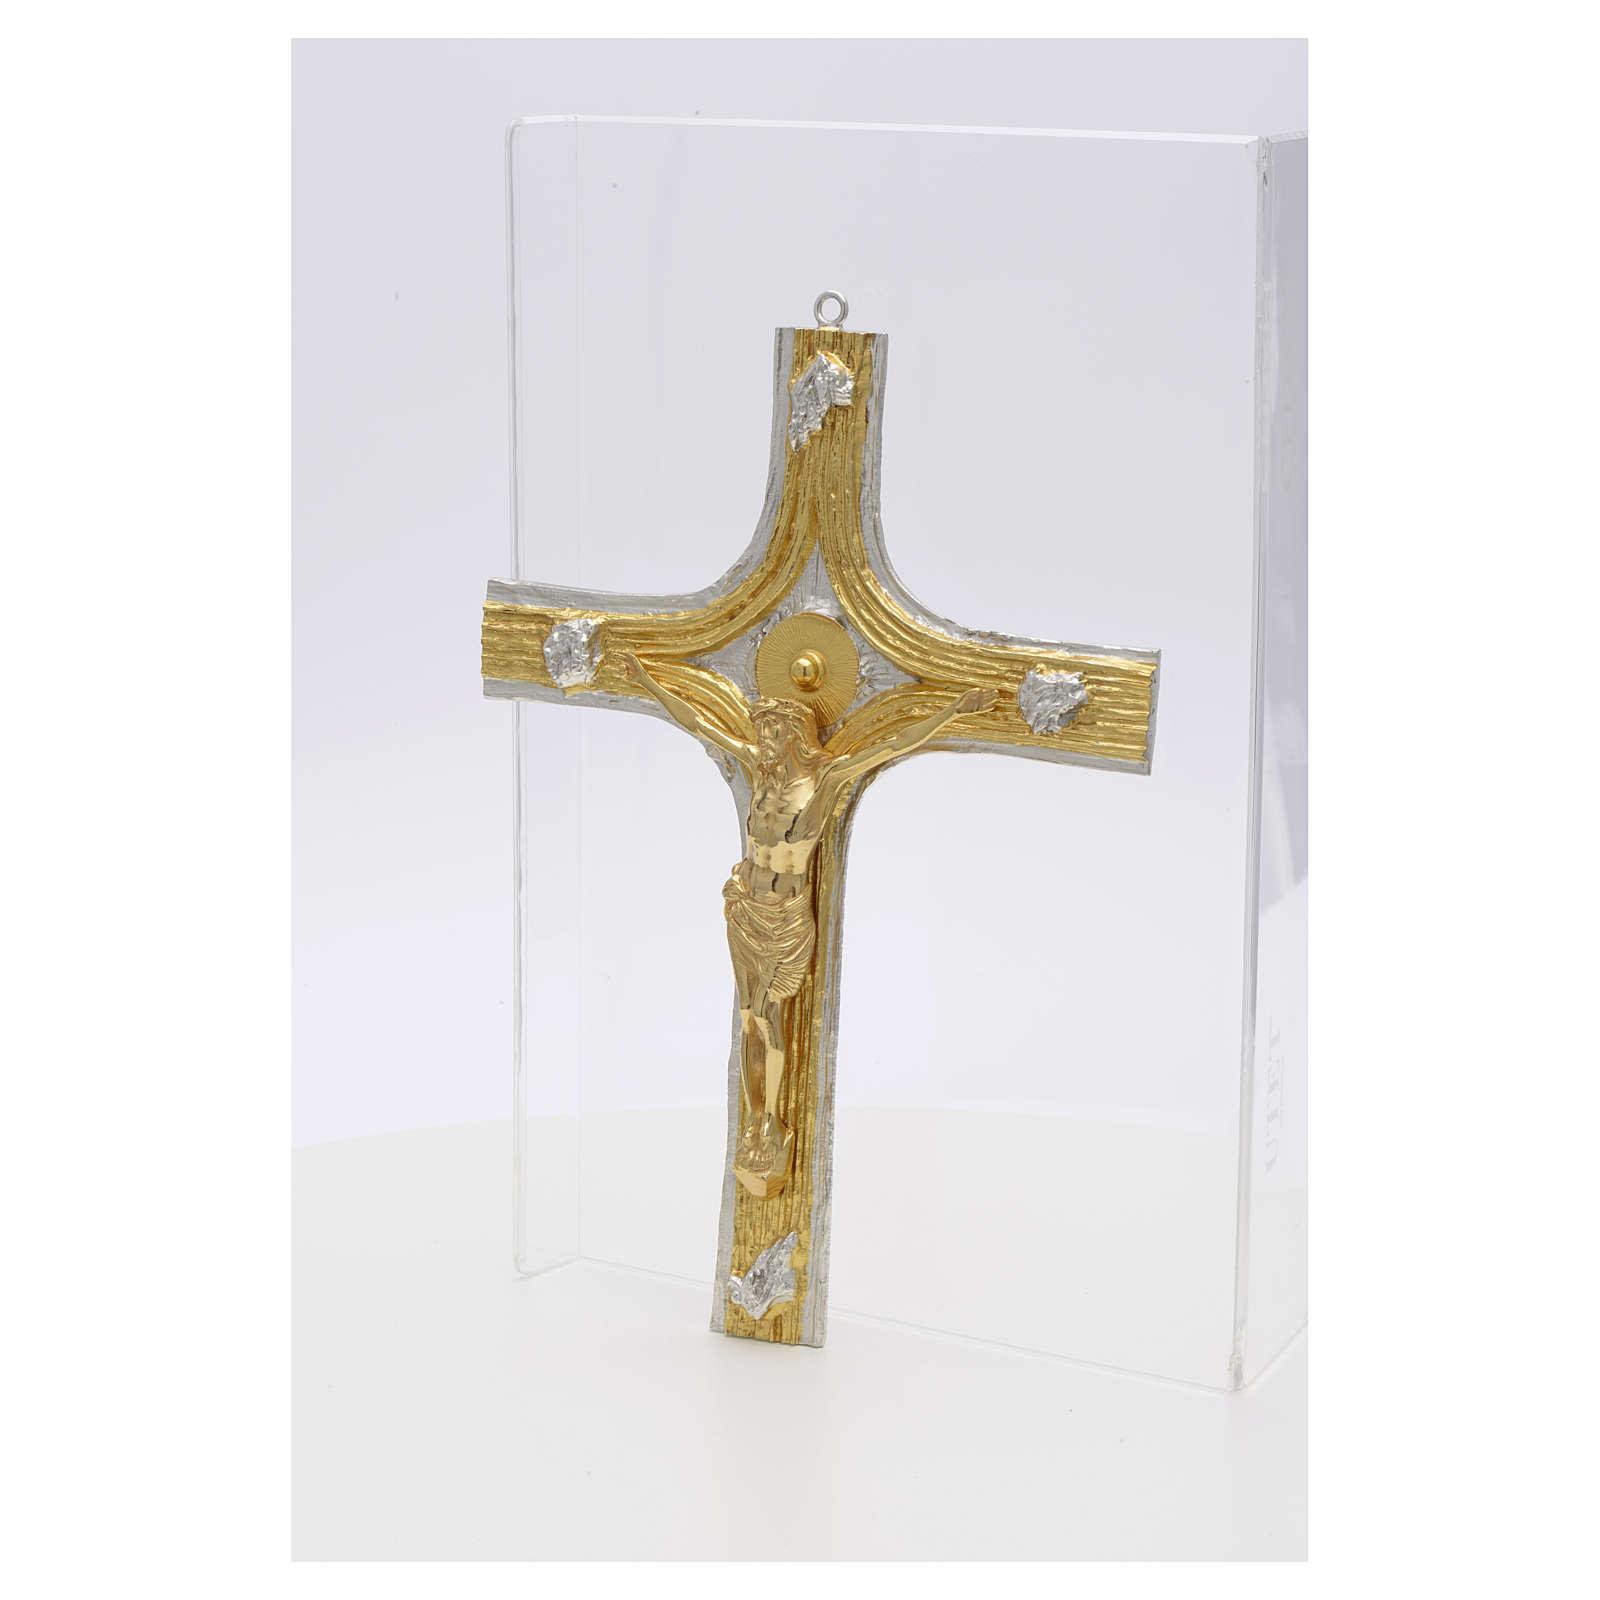 Bronze Crucifix with Bi-colored Decorations 4